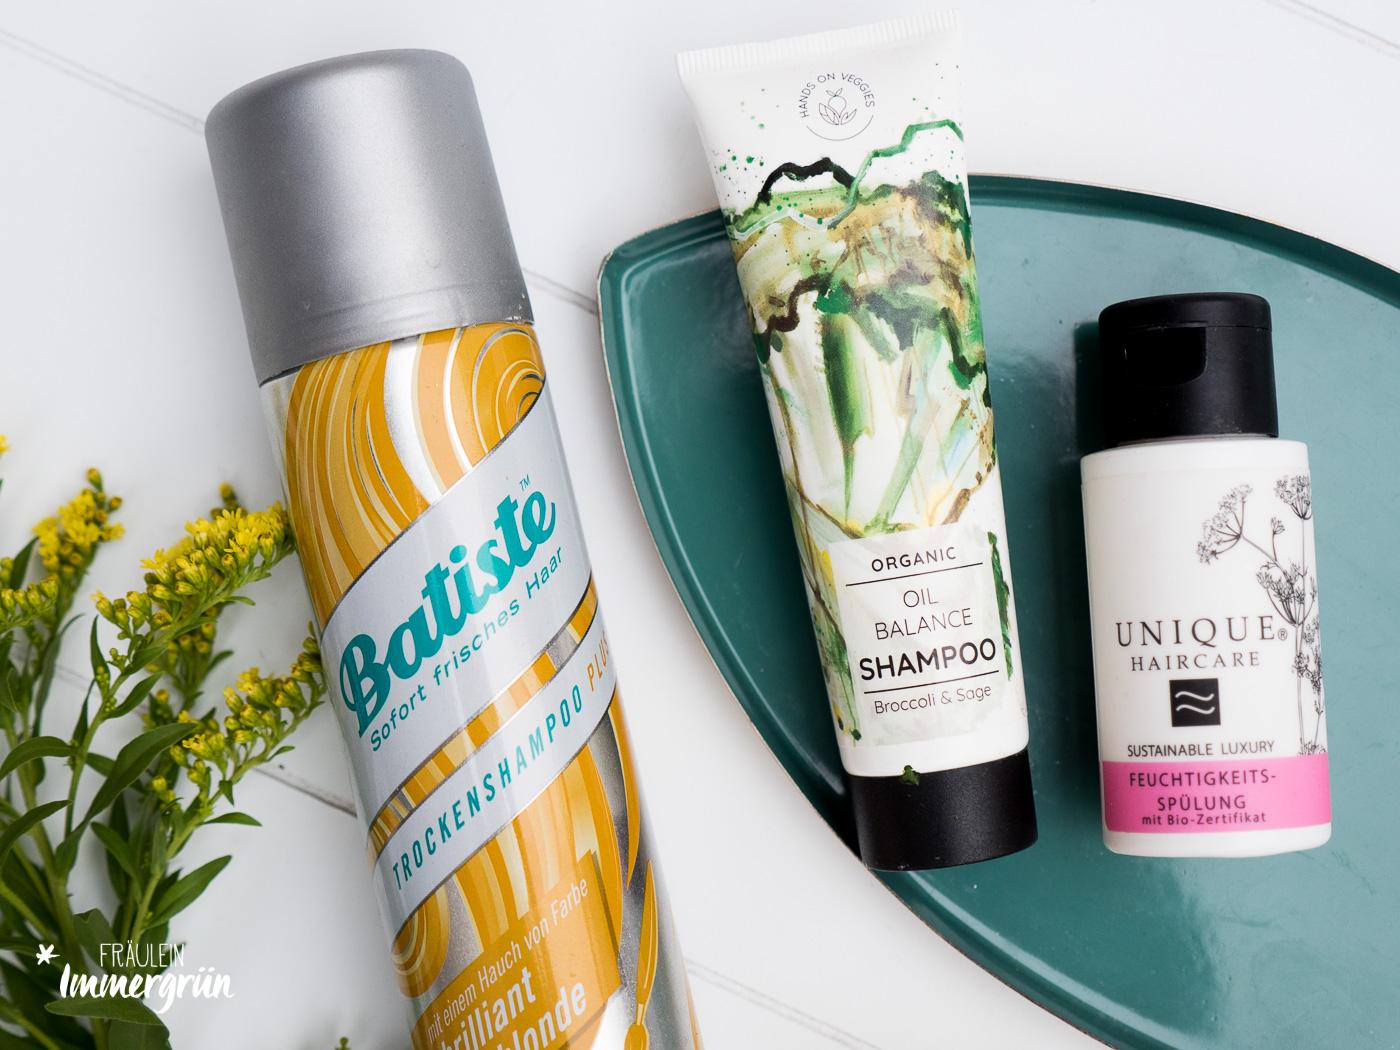 Naturkosmetik aufgebraucht: Kurz Reviews von milder Gesichtspflege und Hautpflege. Natürliche Kosmetik mit Hands on Veggies Oil Balance Shampoo, Unique Feuchtigkeitsspülung.